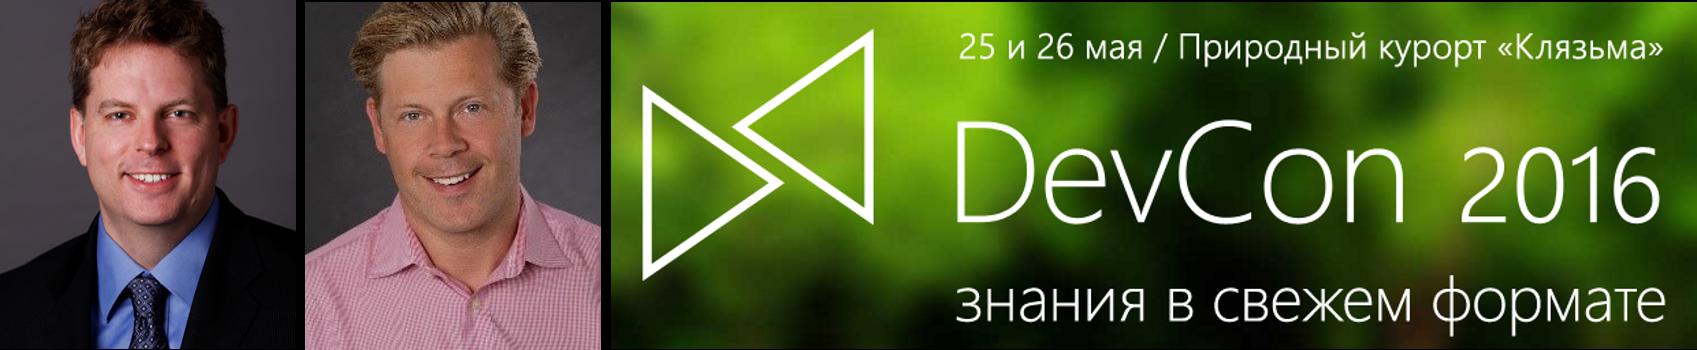 Ключевые спикеры конференции DevCon 2016 - 1